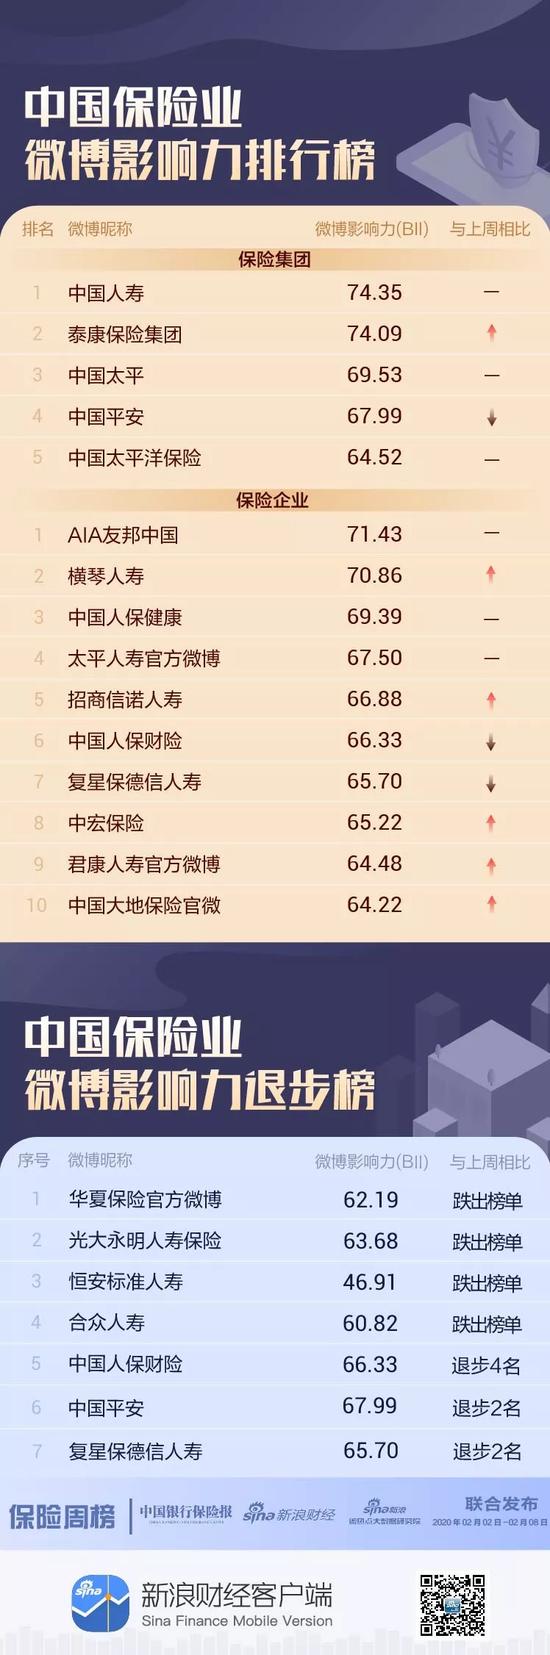 """国泰君安:疫期券商线上服务应做到三""""全"""""""